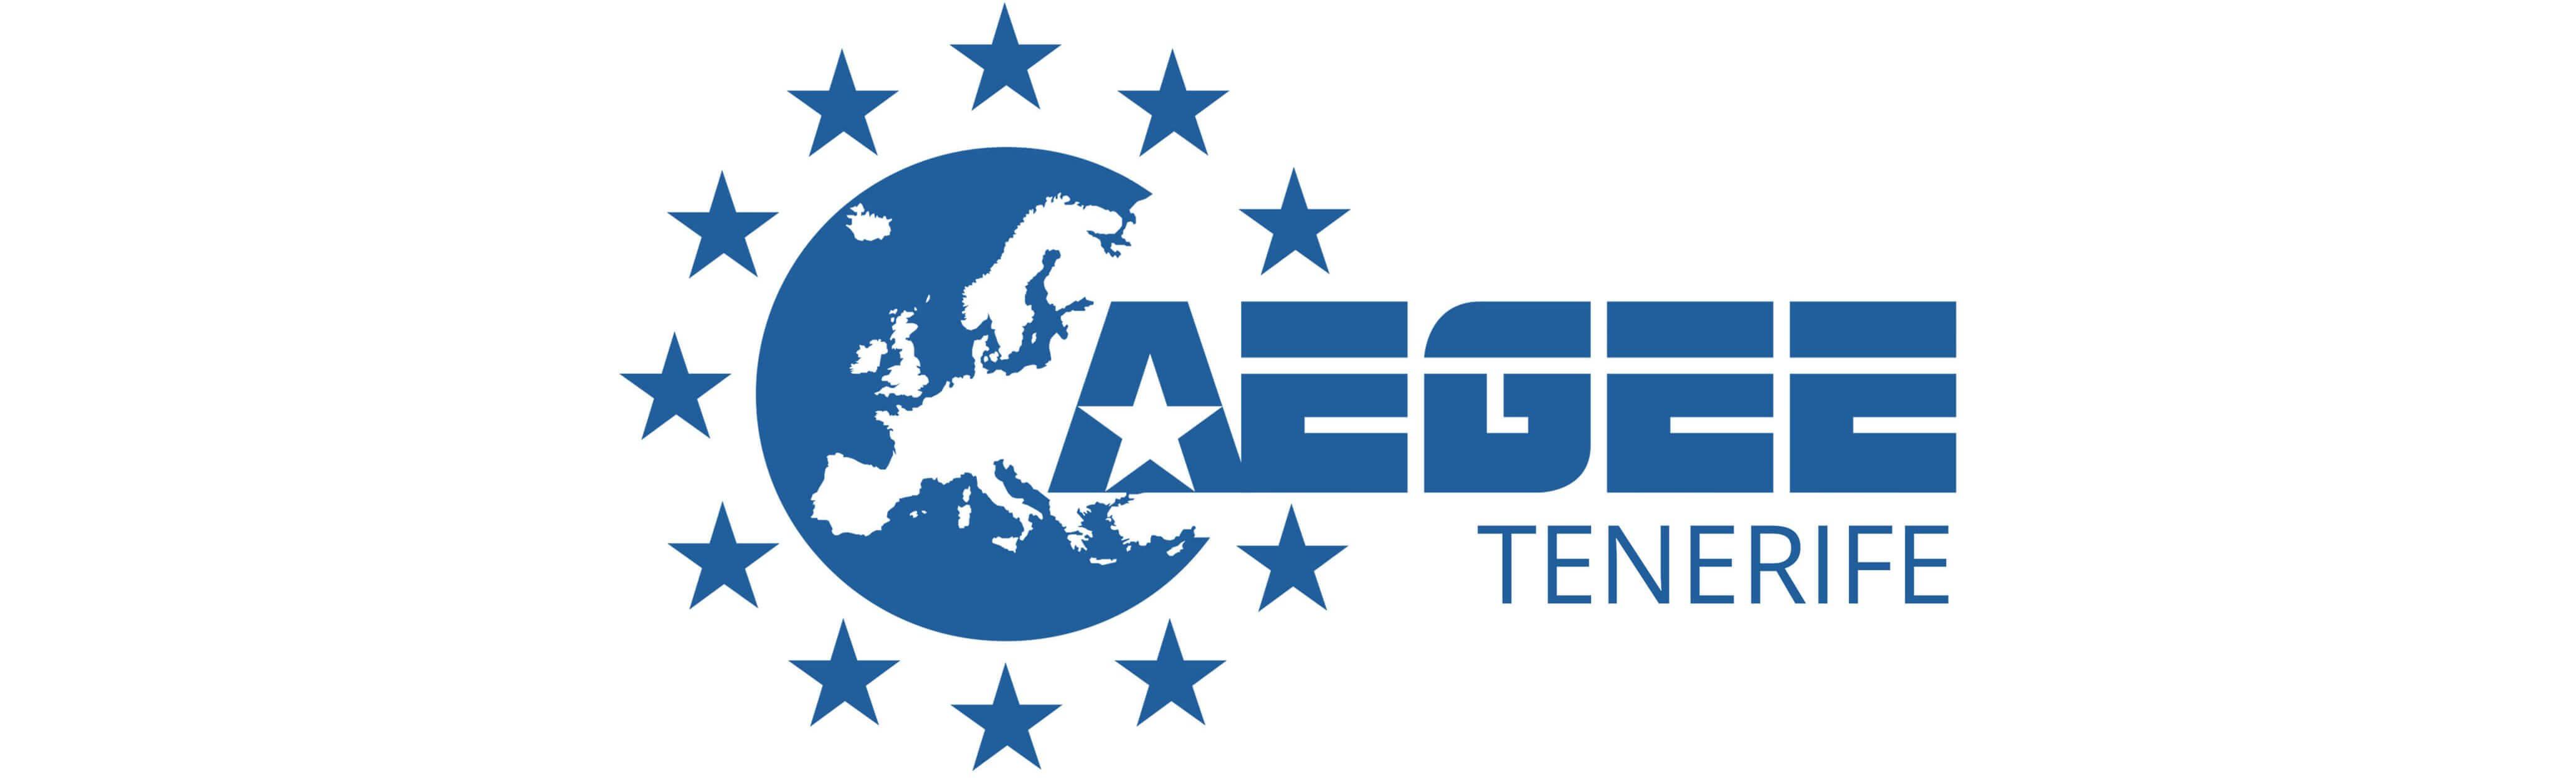 AEGEE-TENERIFE